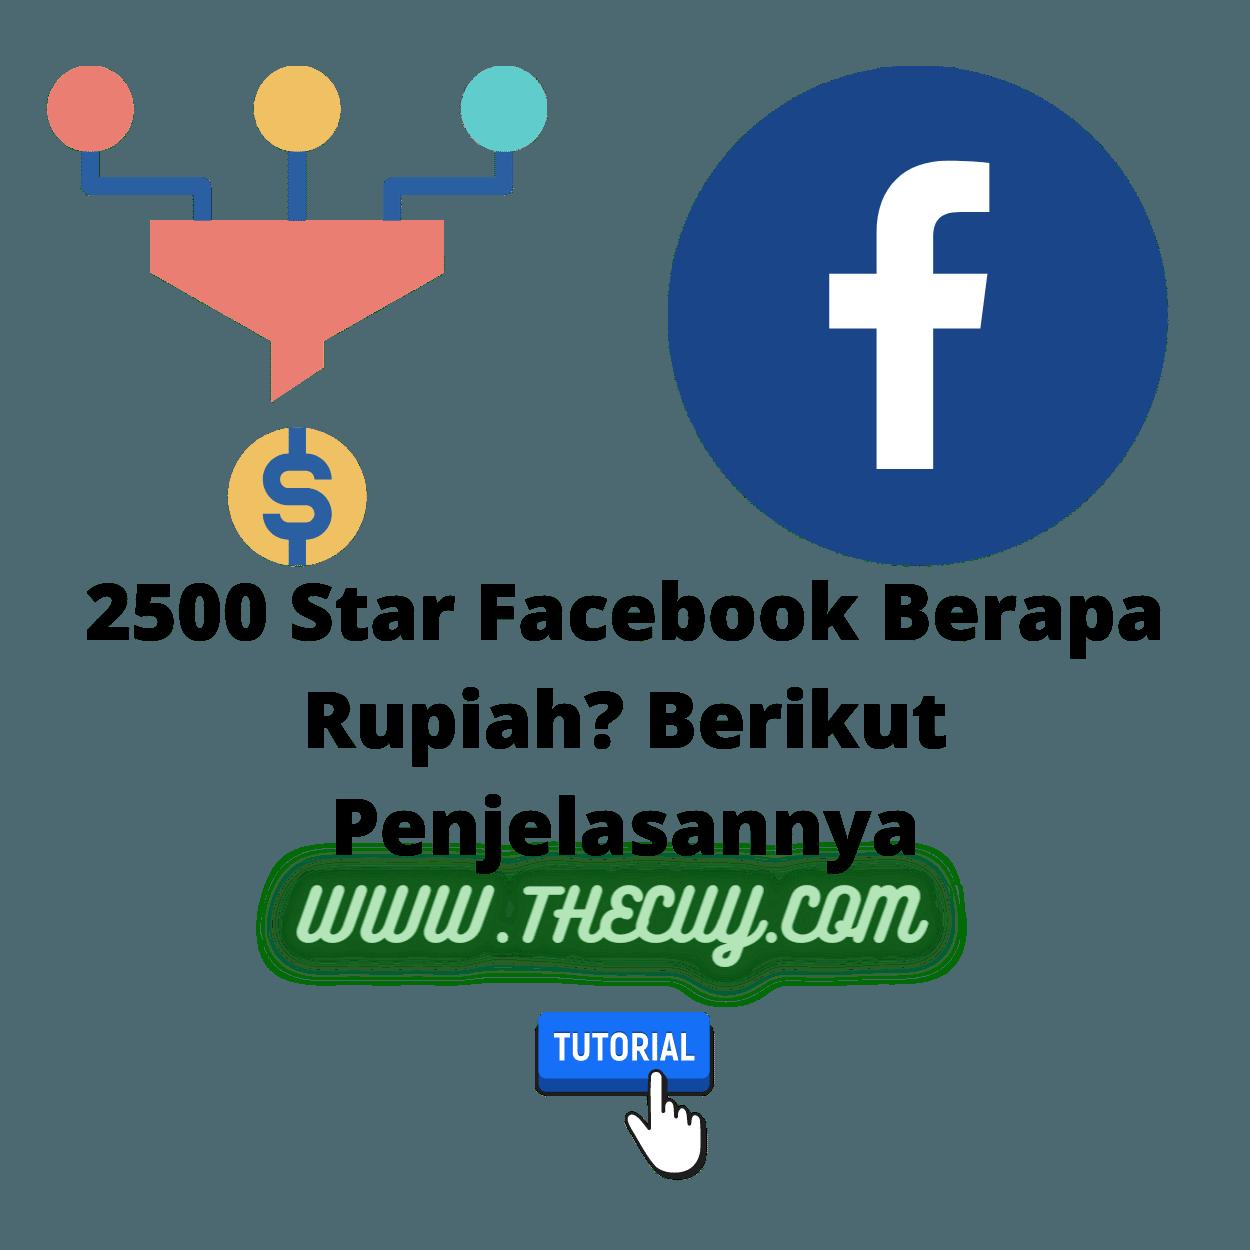 2500 Star Facebook Berapa Rupiah? Berikut Penjelasannya